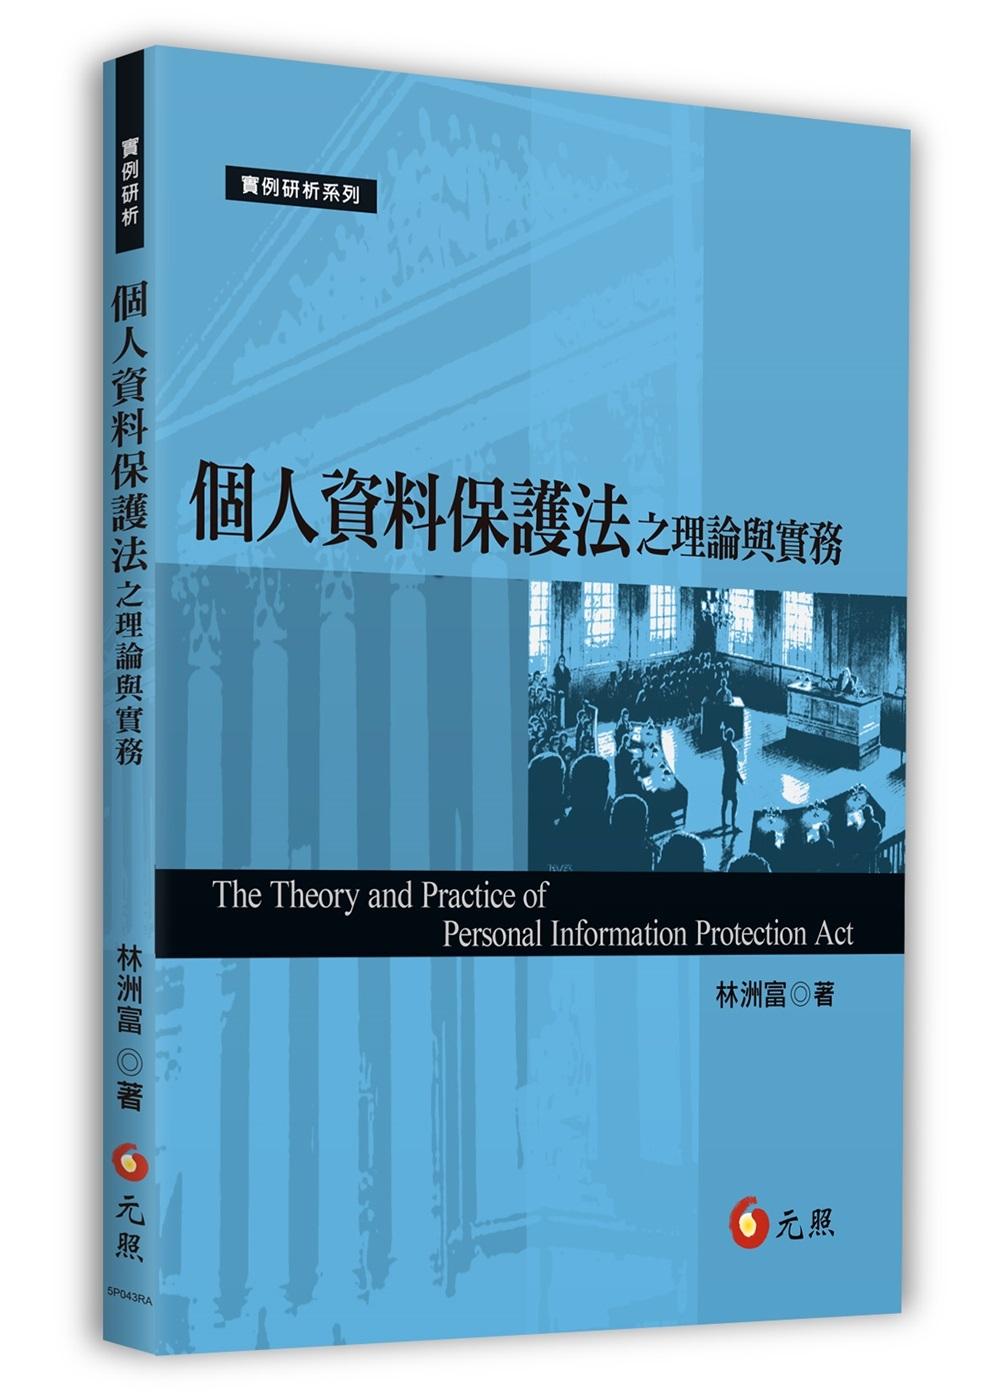 個人資料保護法之理論與實務